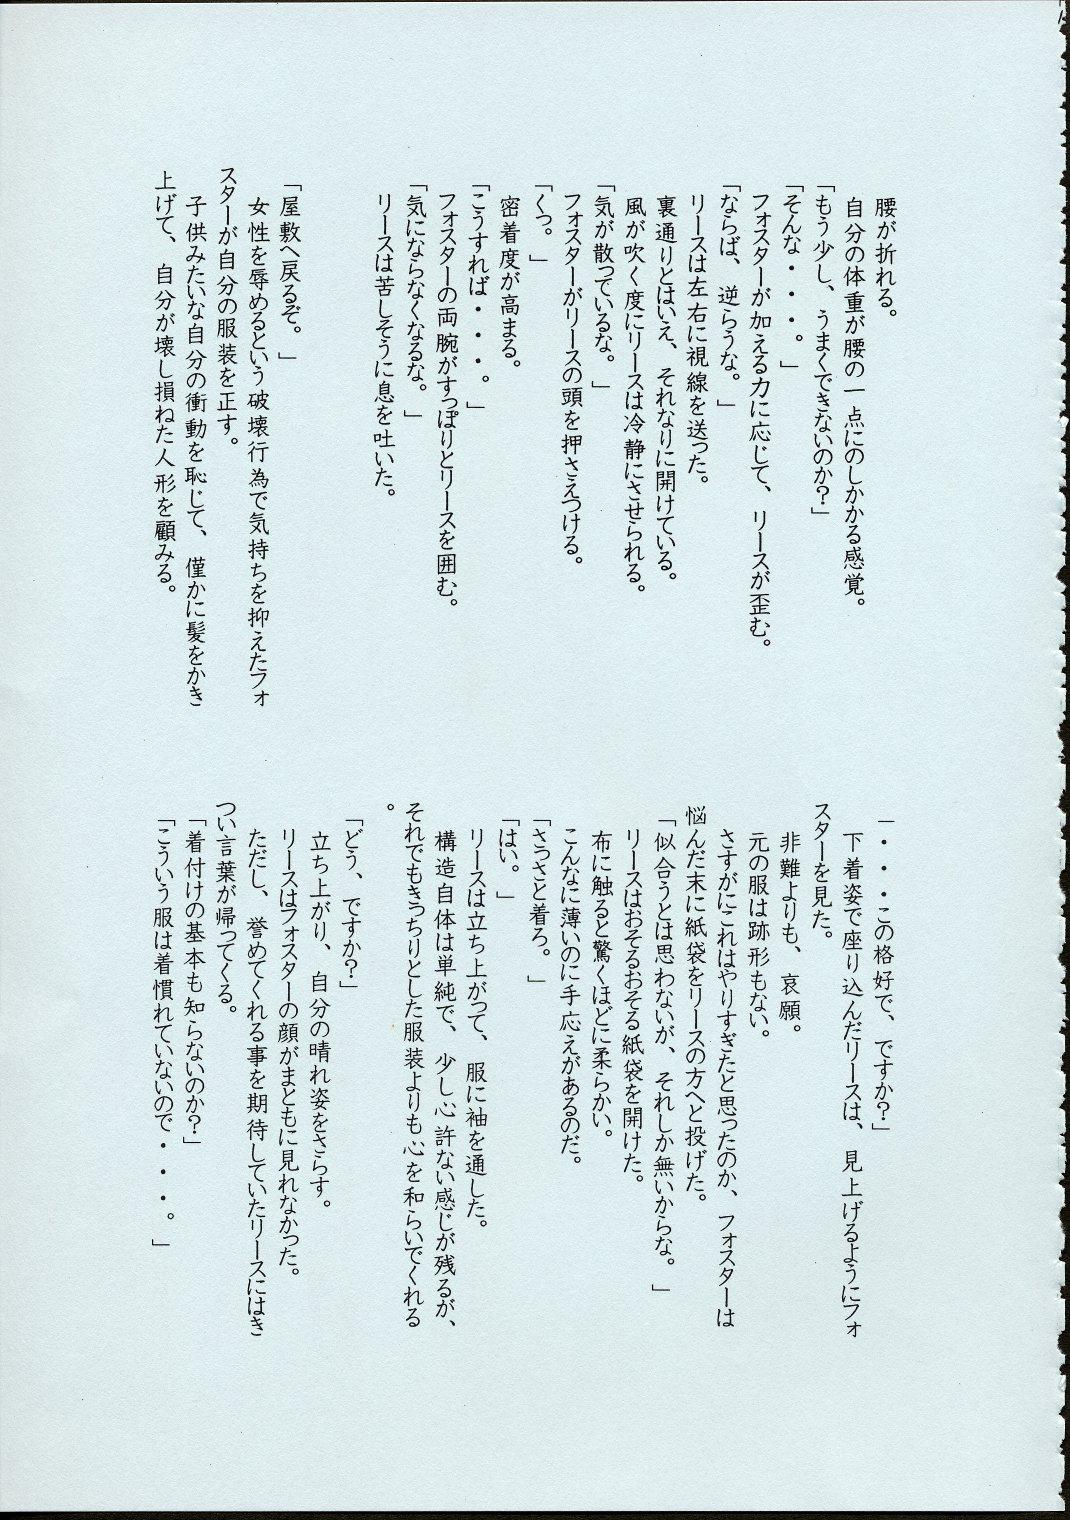 Maid-san kihonkei 39